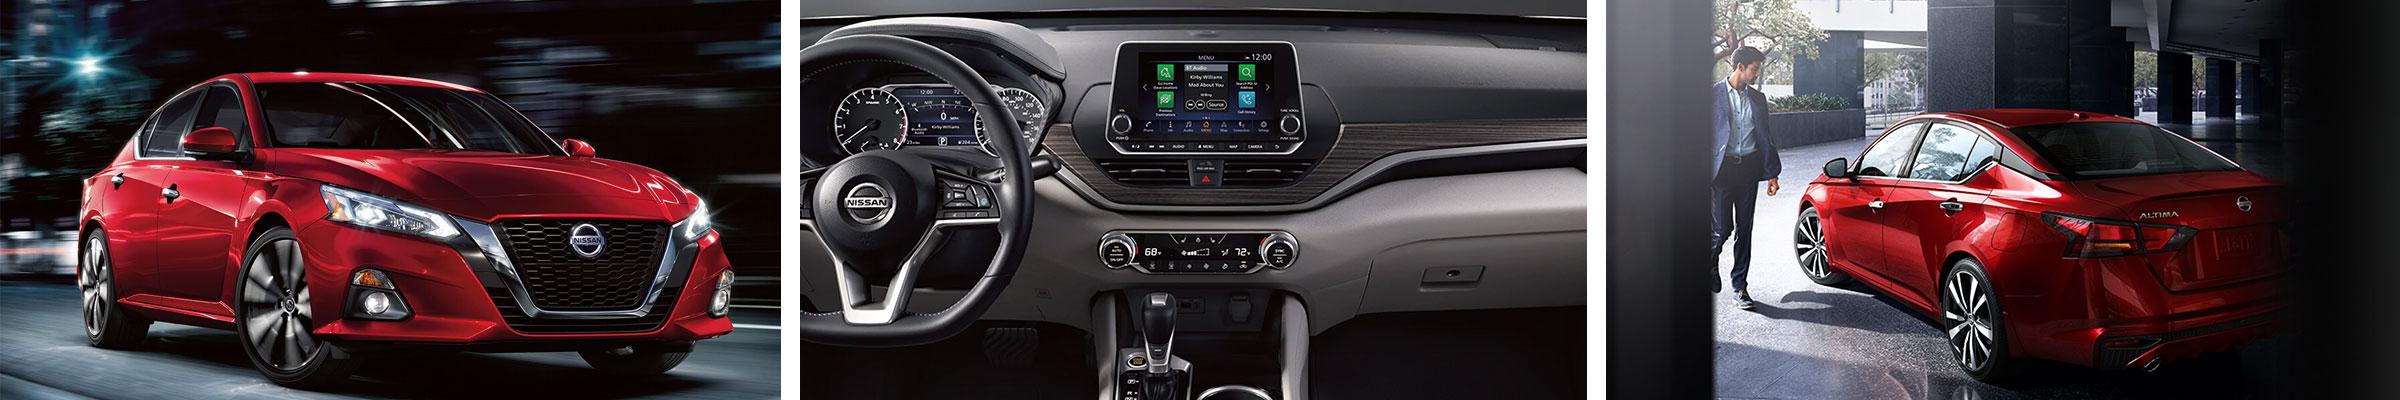 2021 Nissan Altima For Sale Fort Collins CO | Loveland